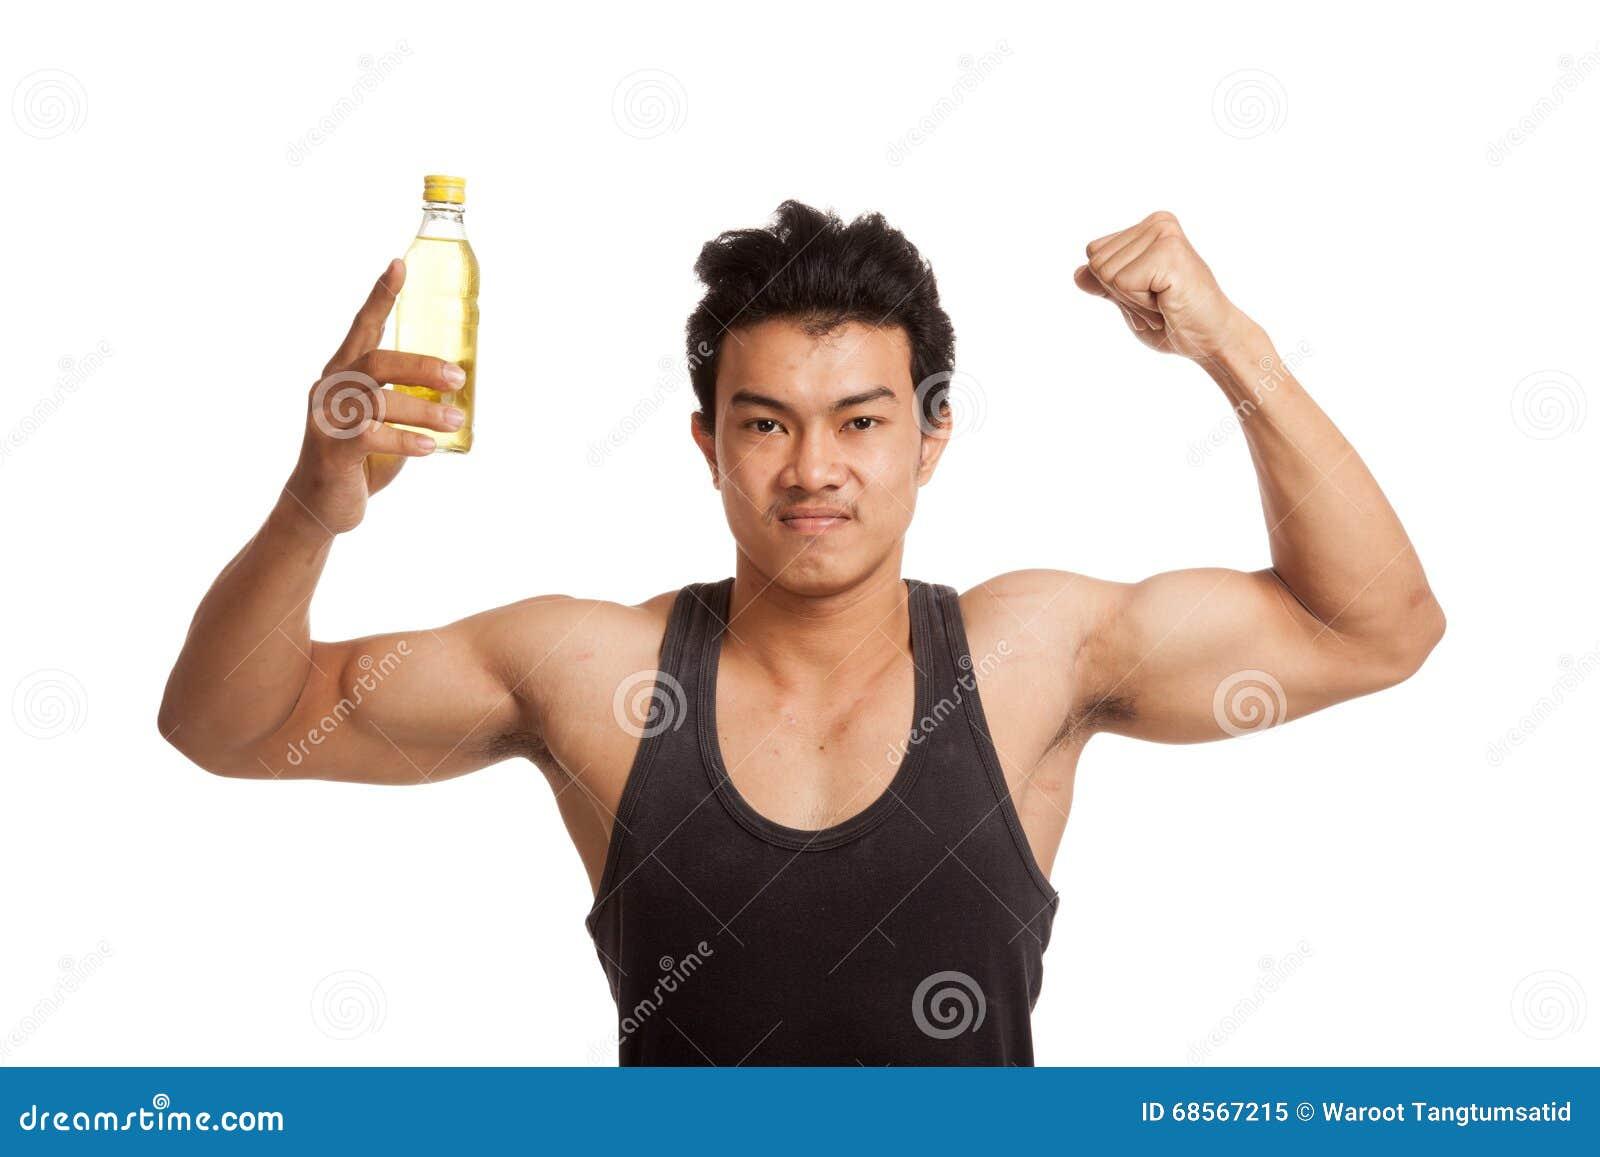 Asian man muscular